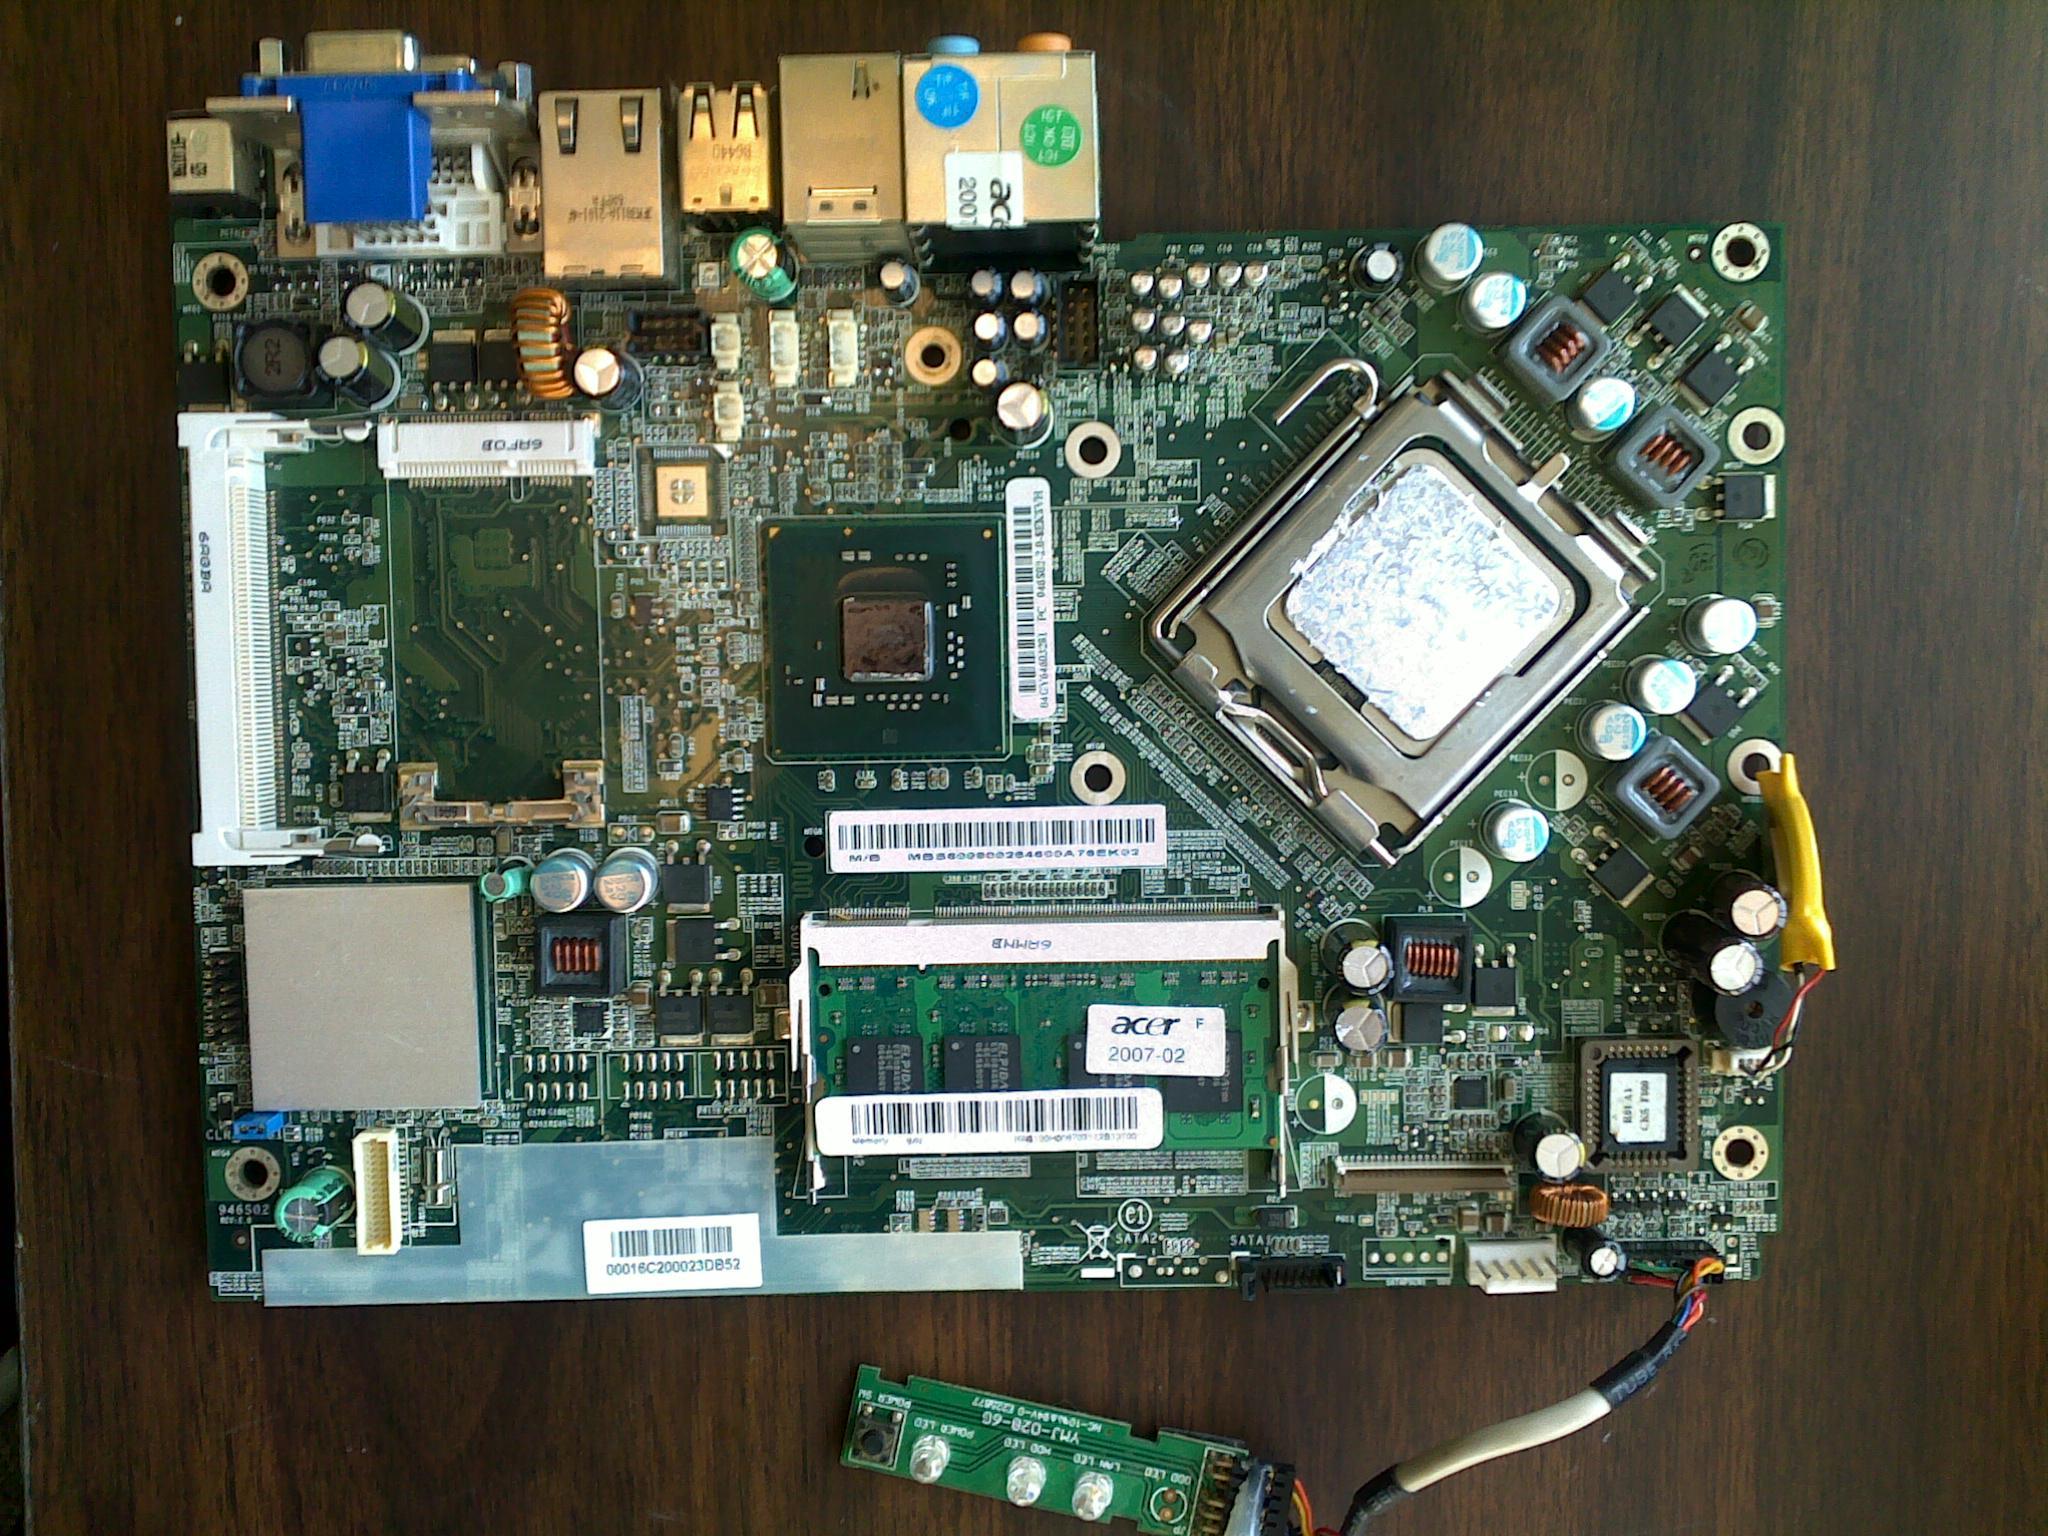 Acer Aspire L310 motherboard problem